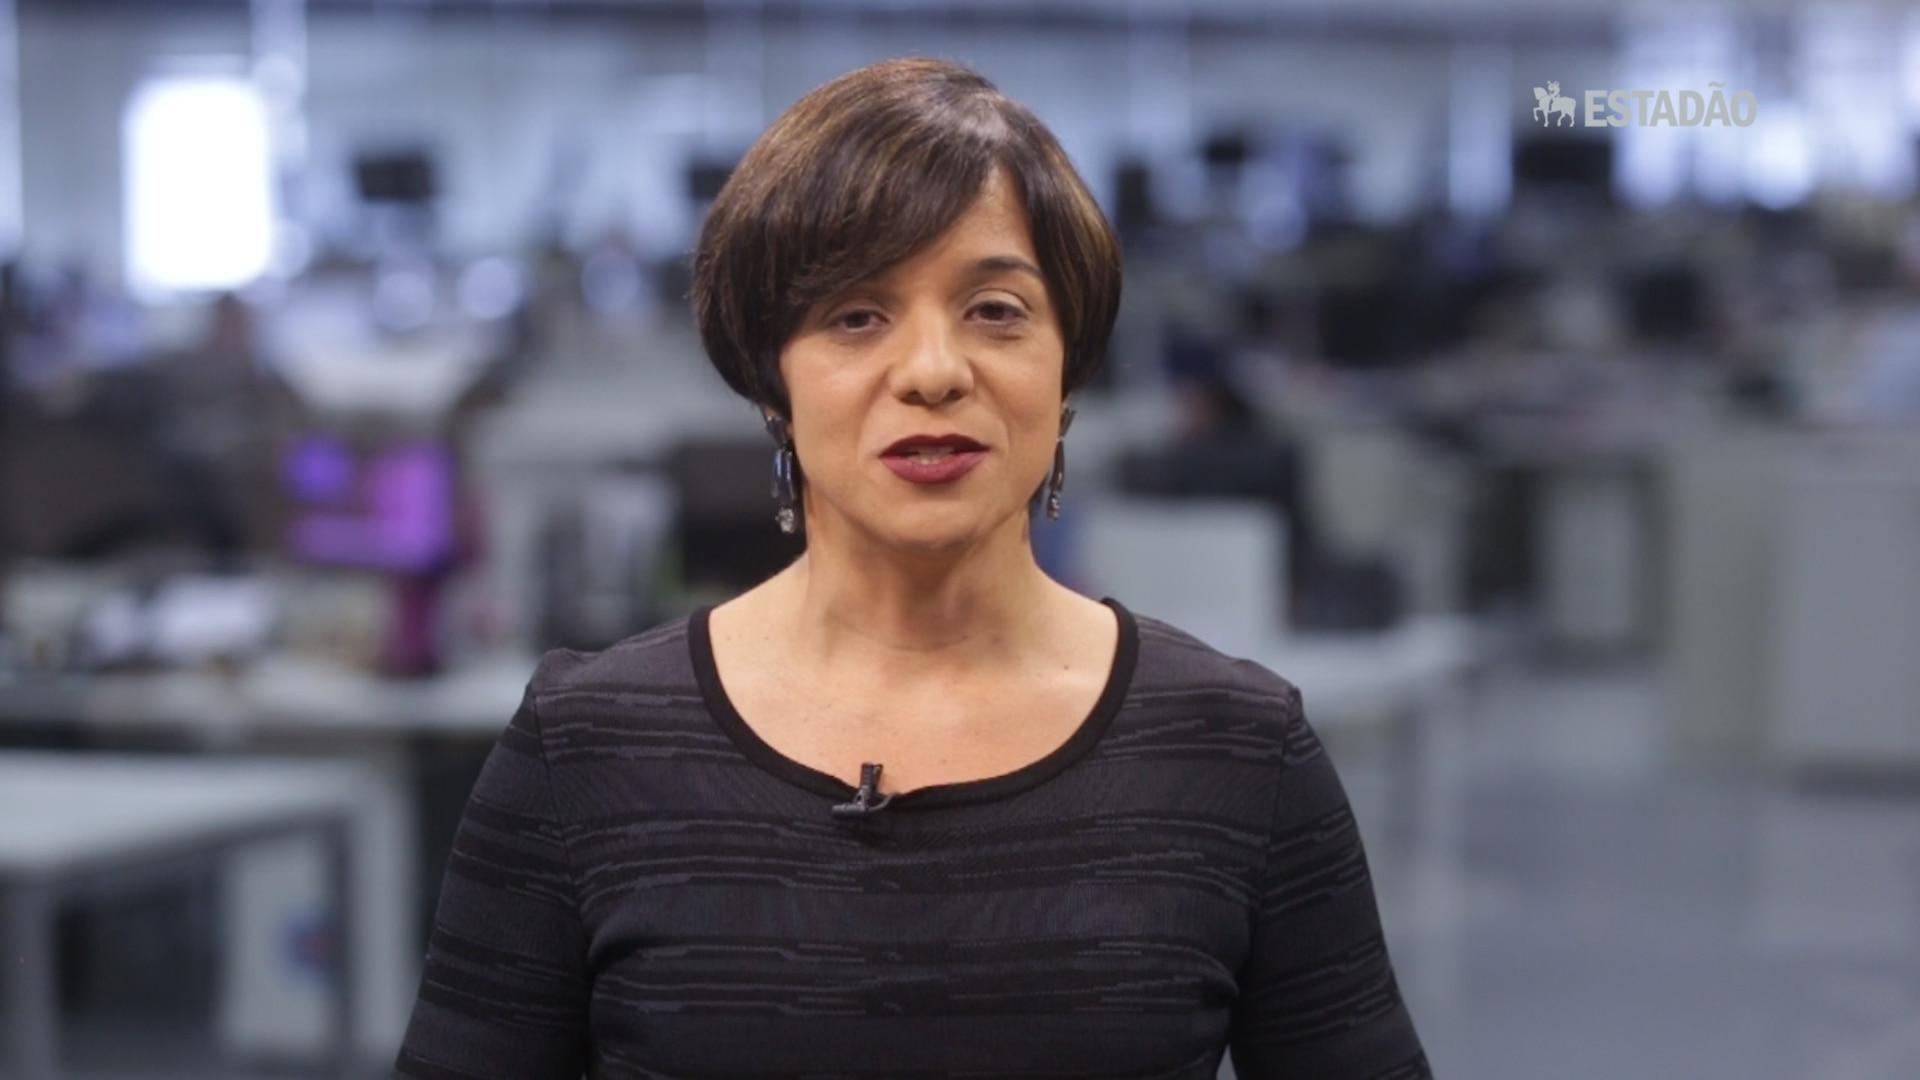 Vera Magalhães: PT colhe mais revezes na Lava Jato, mas Haddad reage